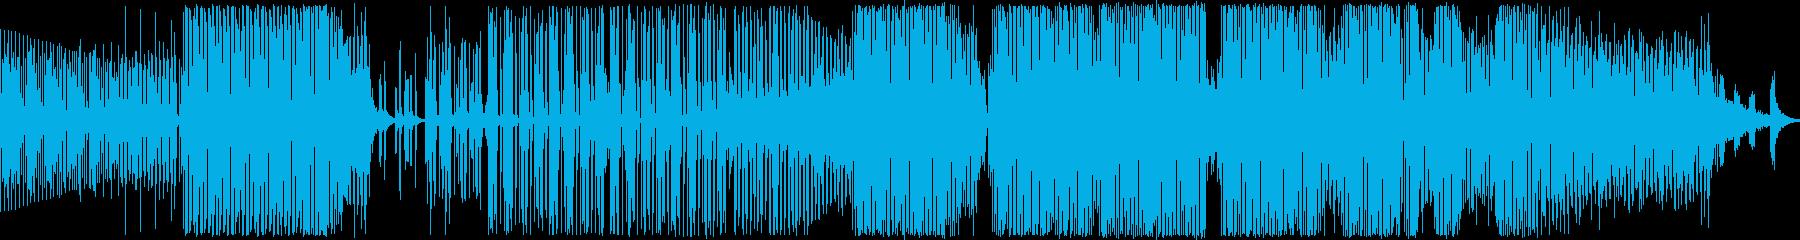 プログレッシブハウス。 Lento...の再生済みの波形